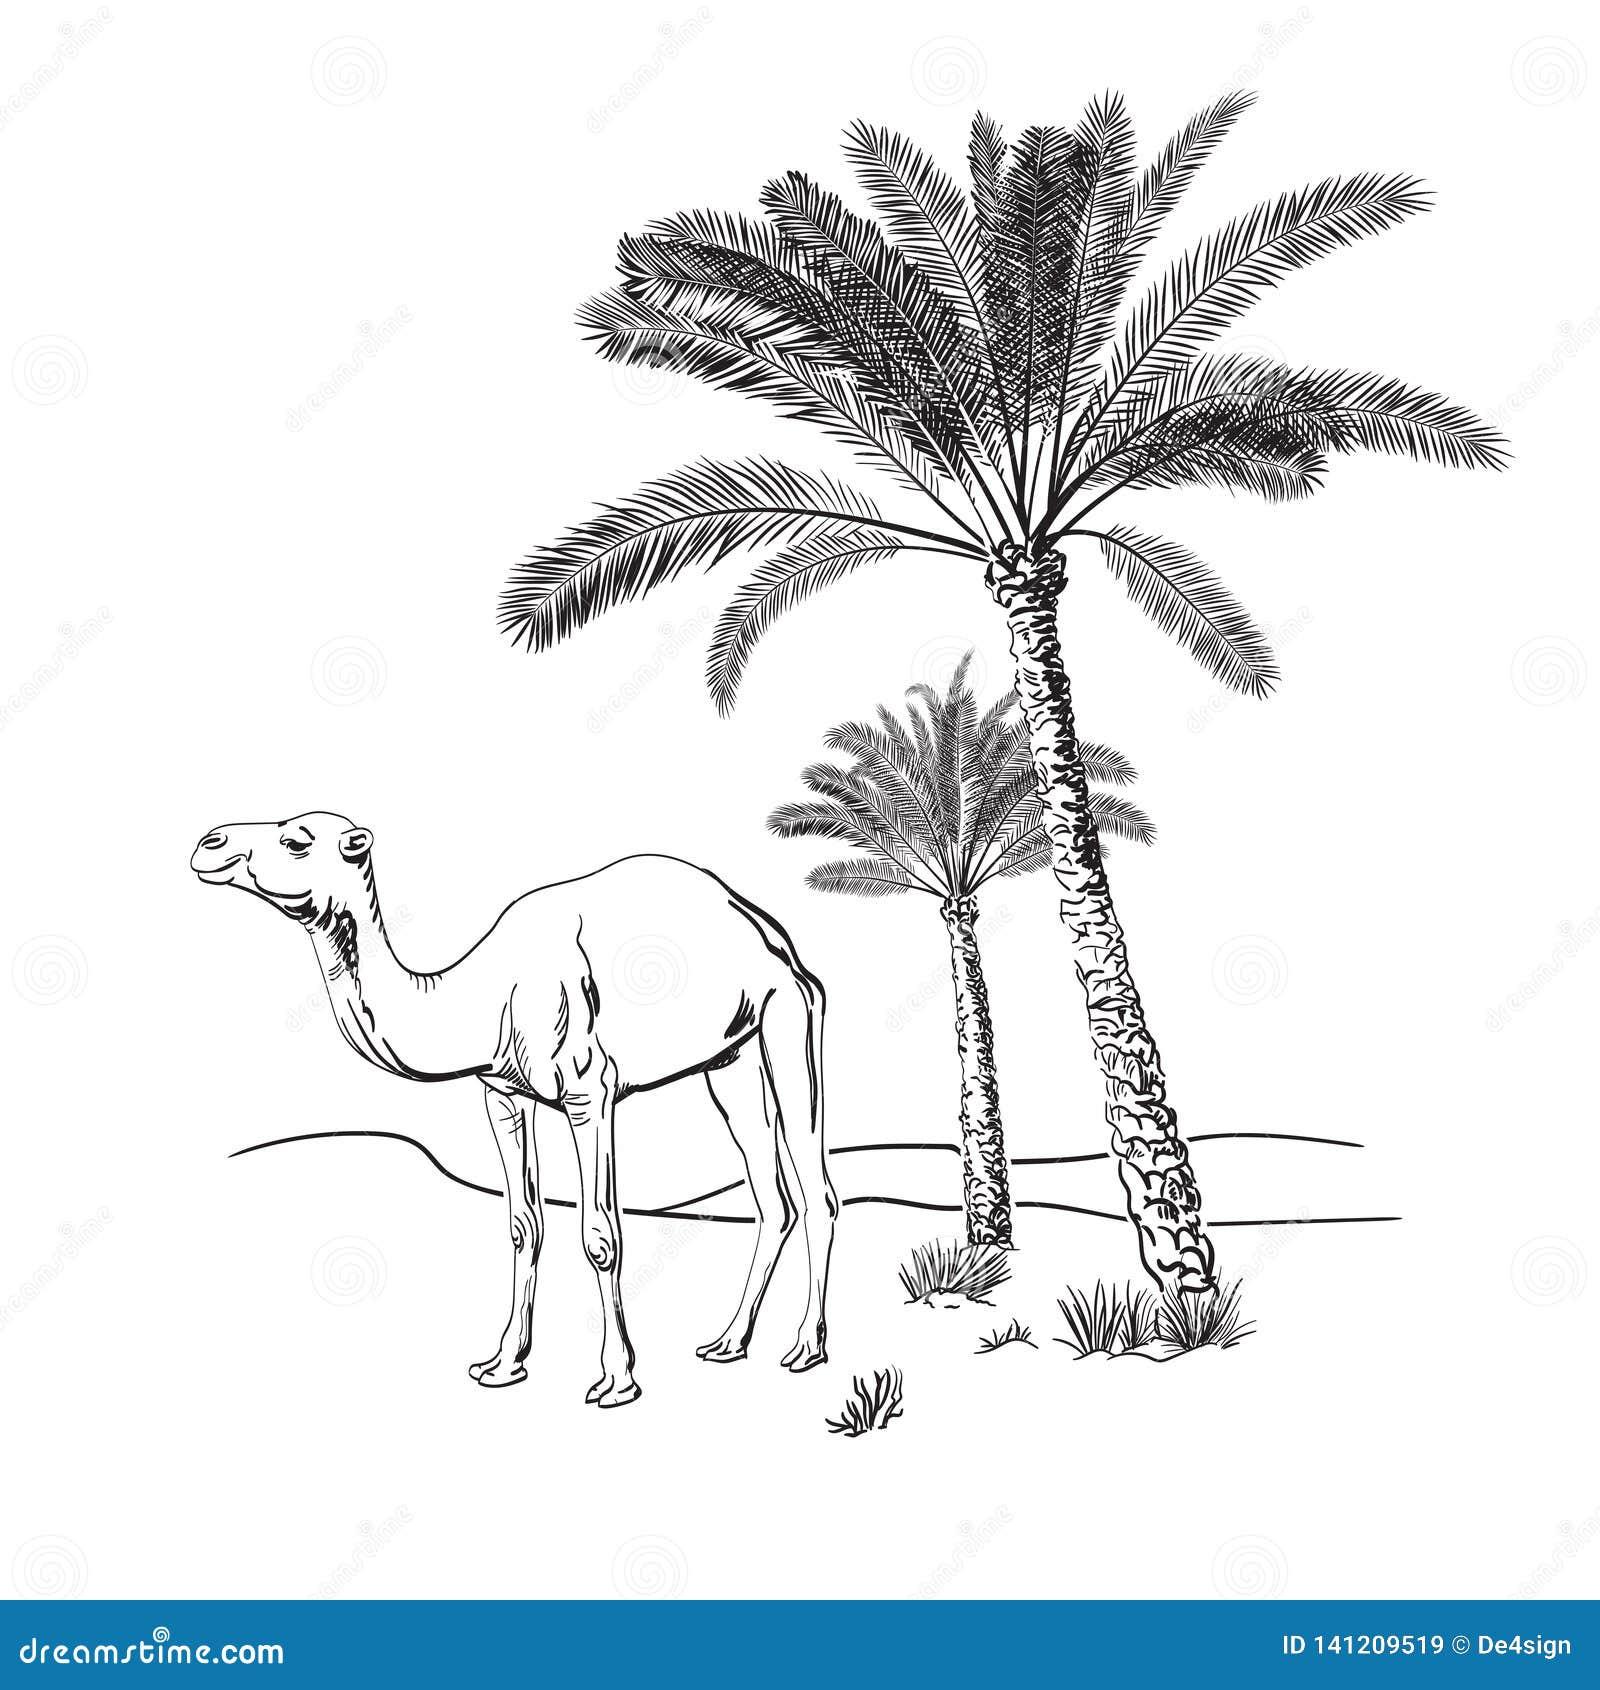 Kameel en palmen in de woestijn Hand getrokken vectorillustratie schets